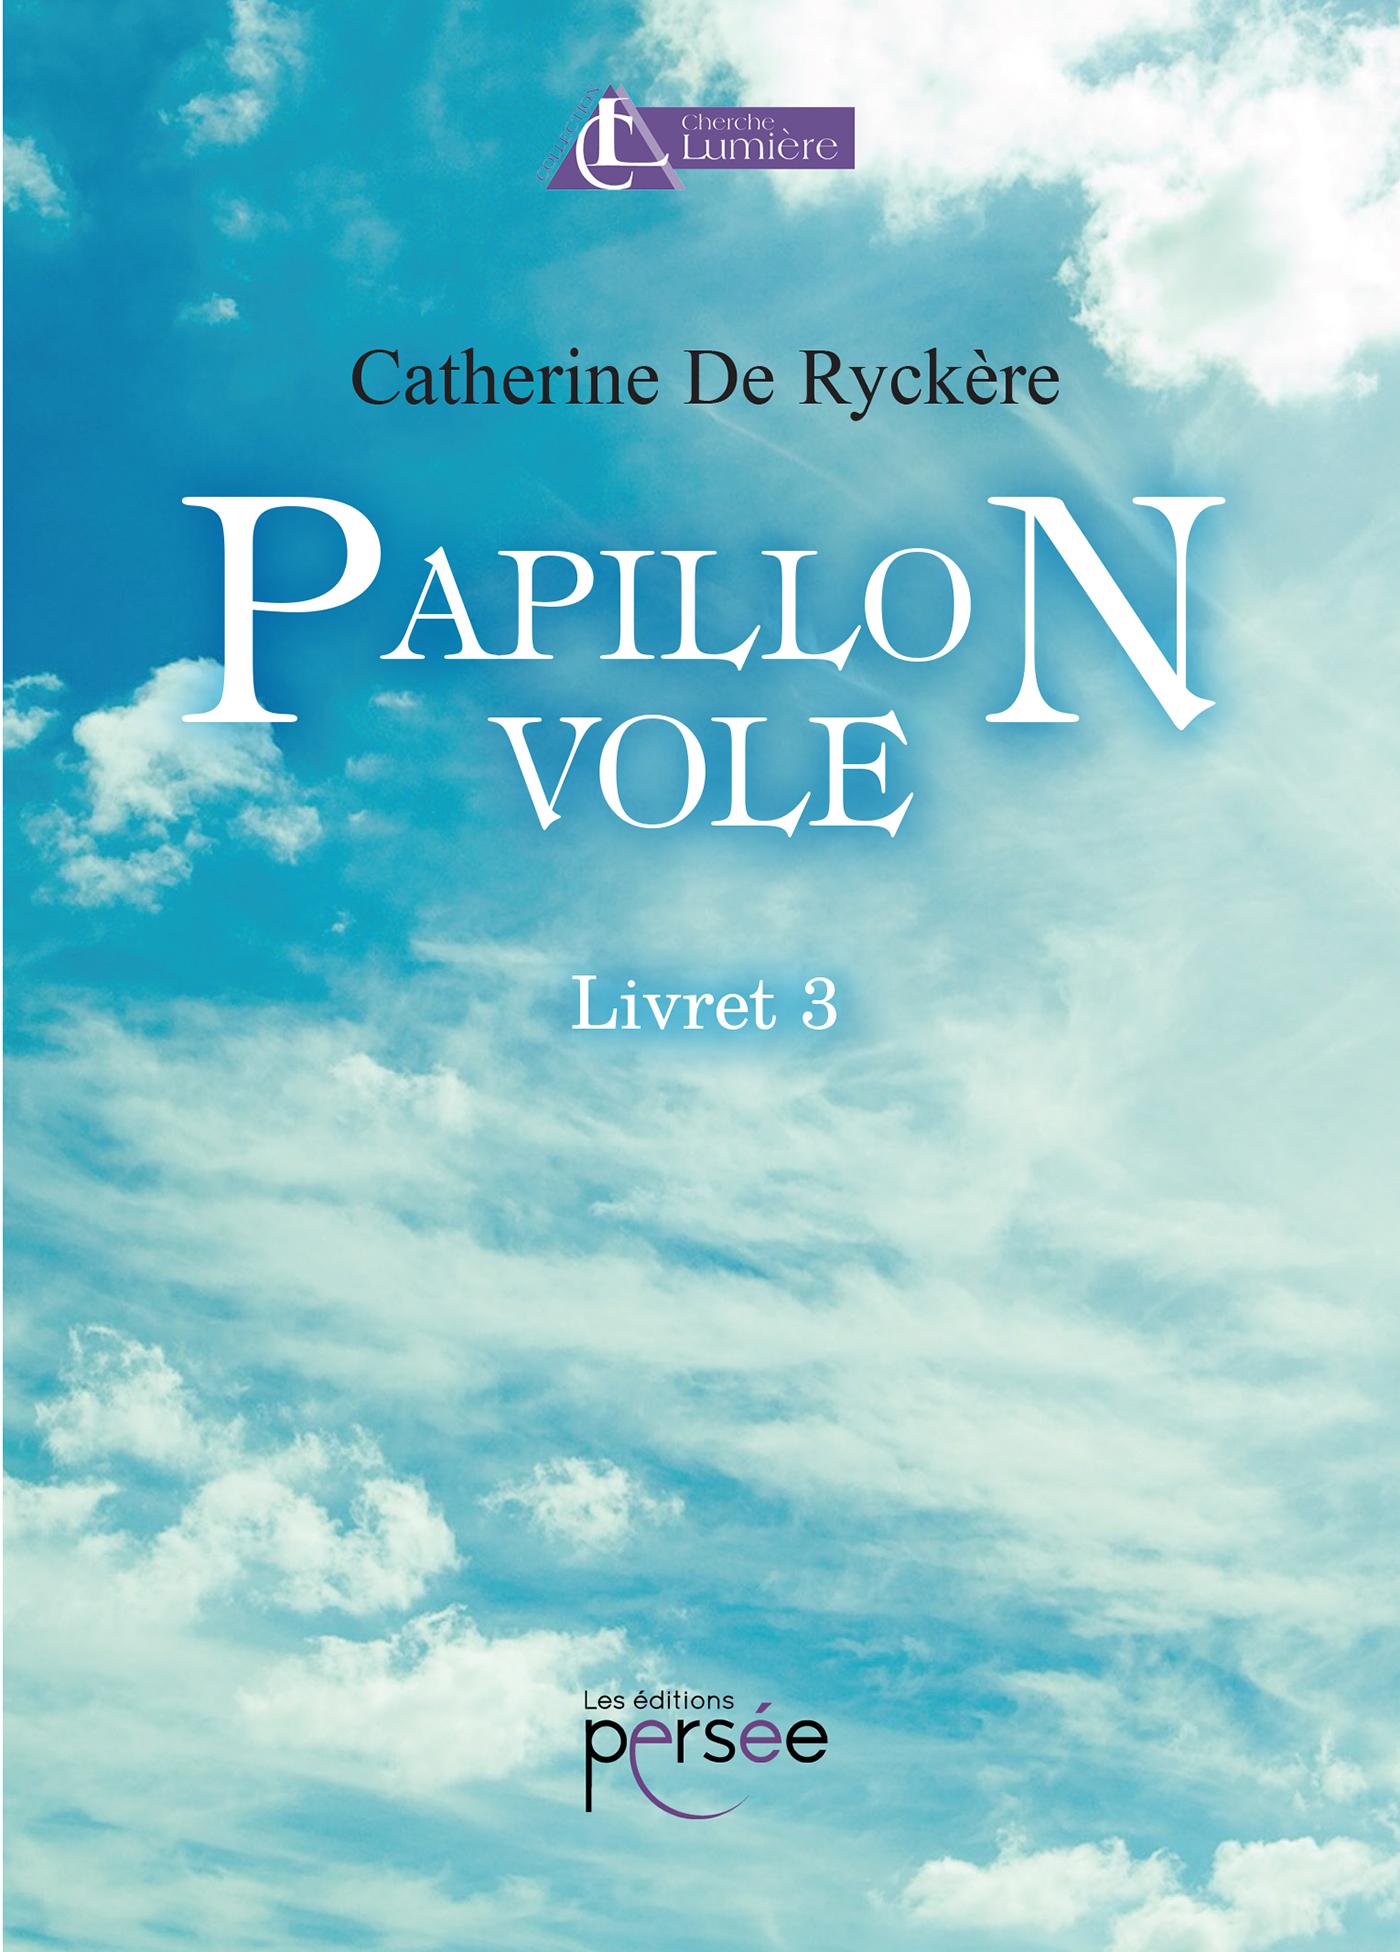 Papillon Vole - Livret 3